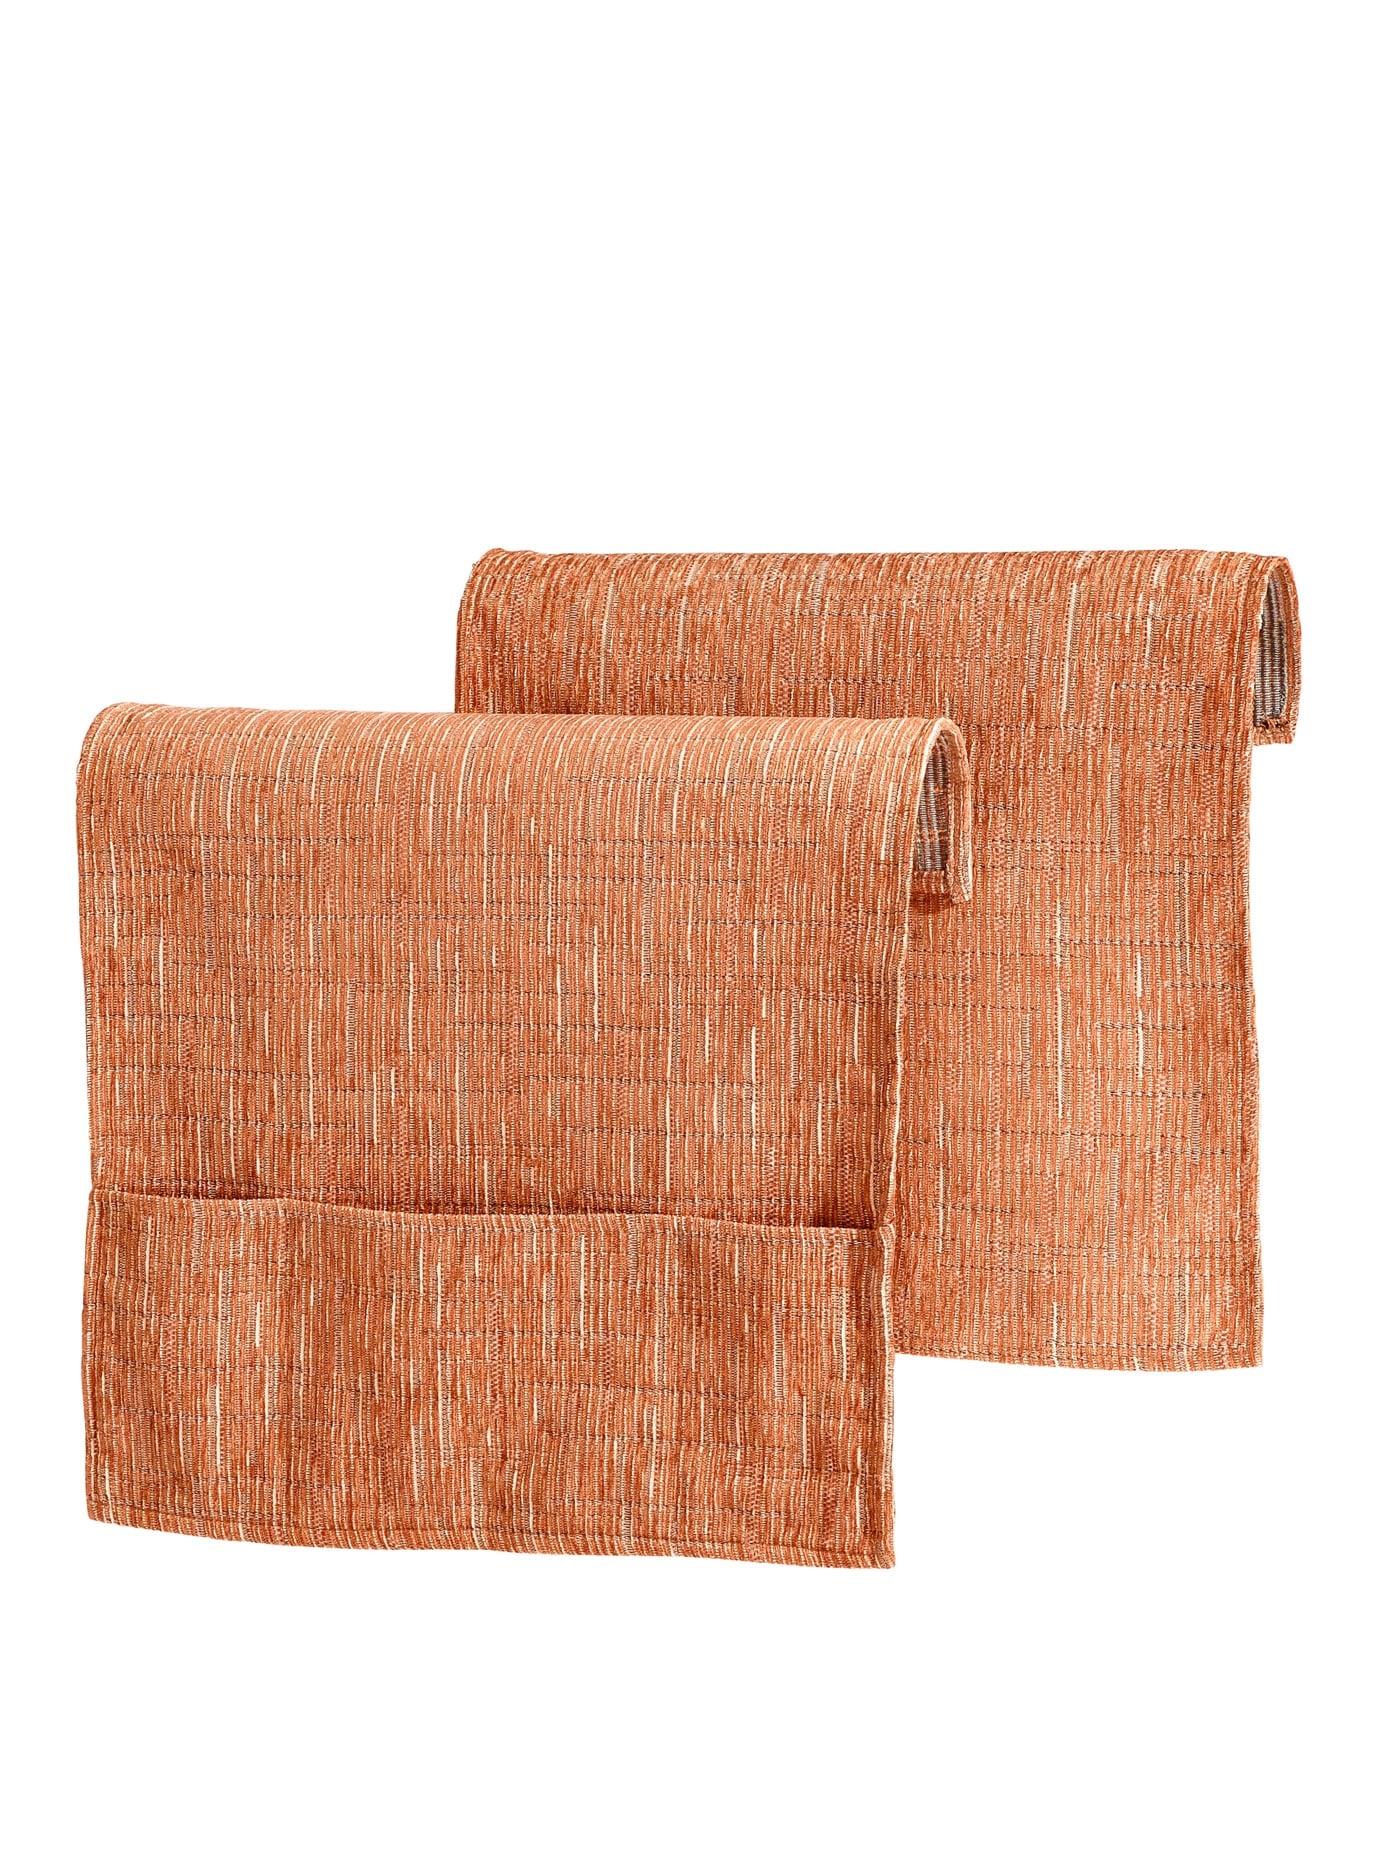 wohnprogramm dohle menk auf rechnung baur. Black Bedroom Furniture Sets. Home Design Ideas